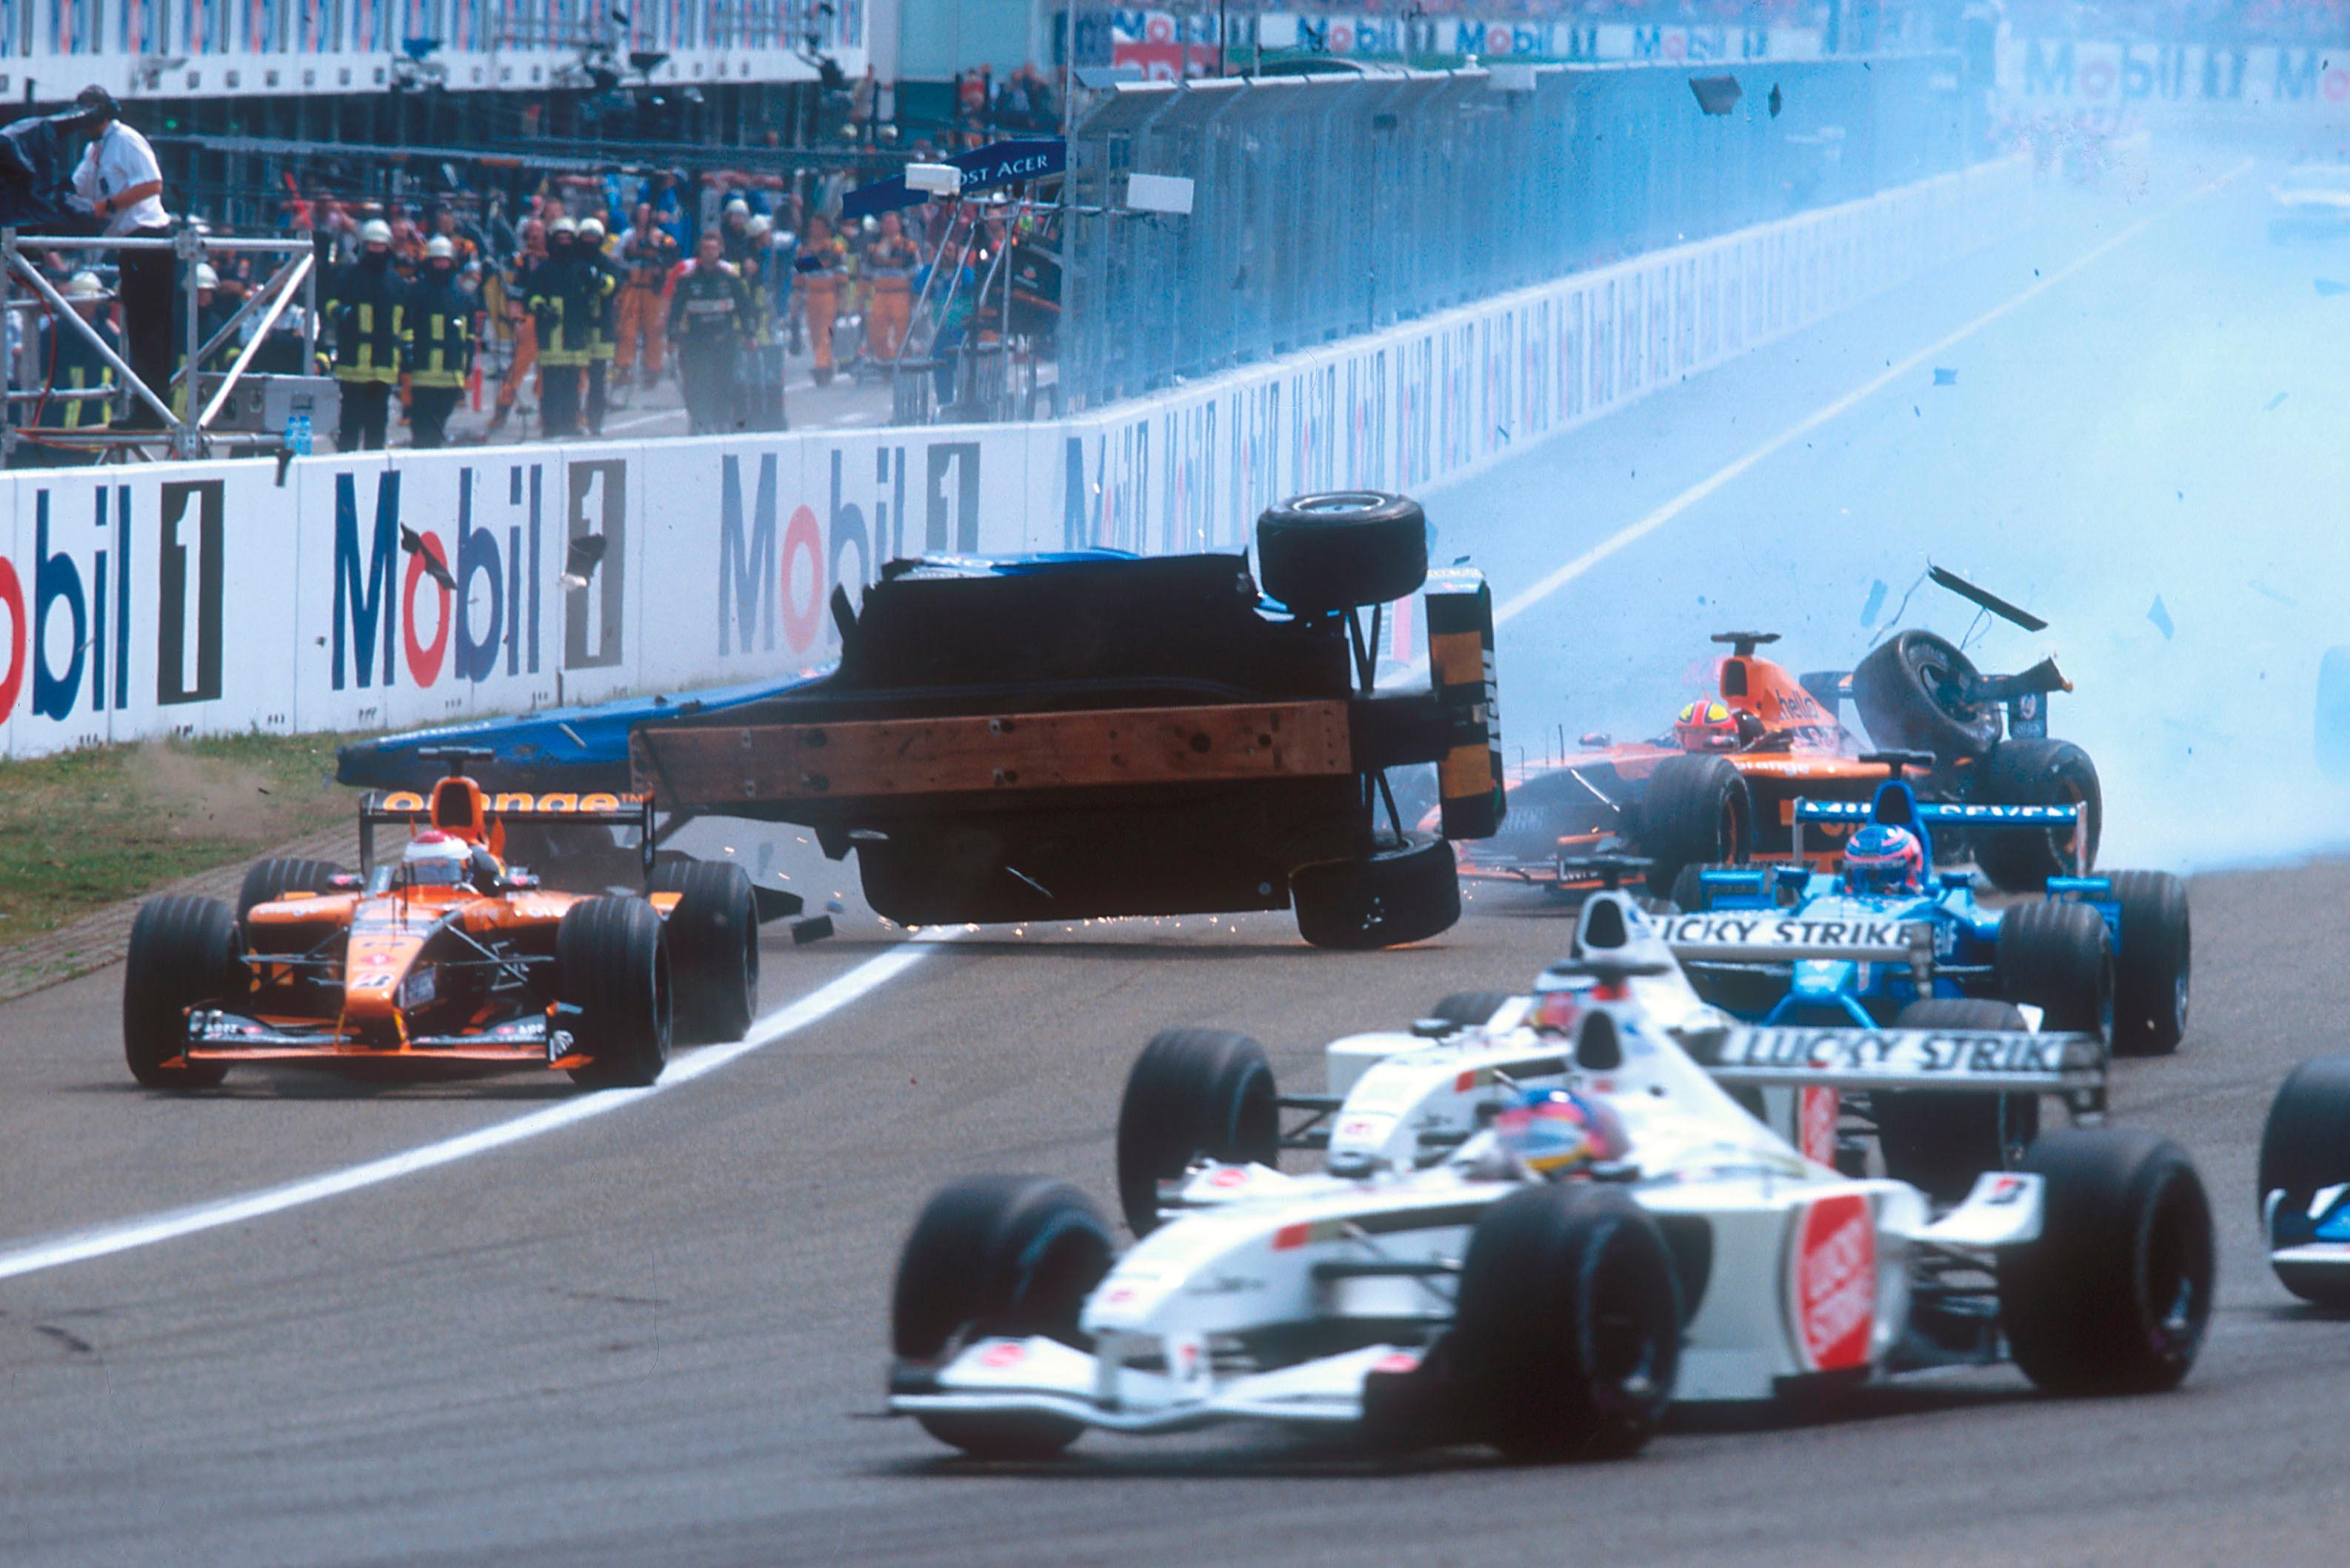 El impresionante accidente de Luciano Burti en el GP de Alemania 2001.